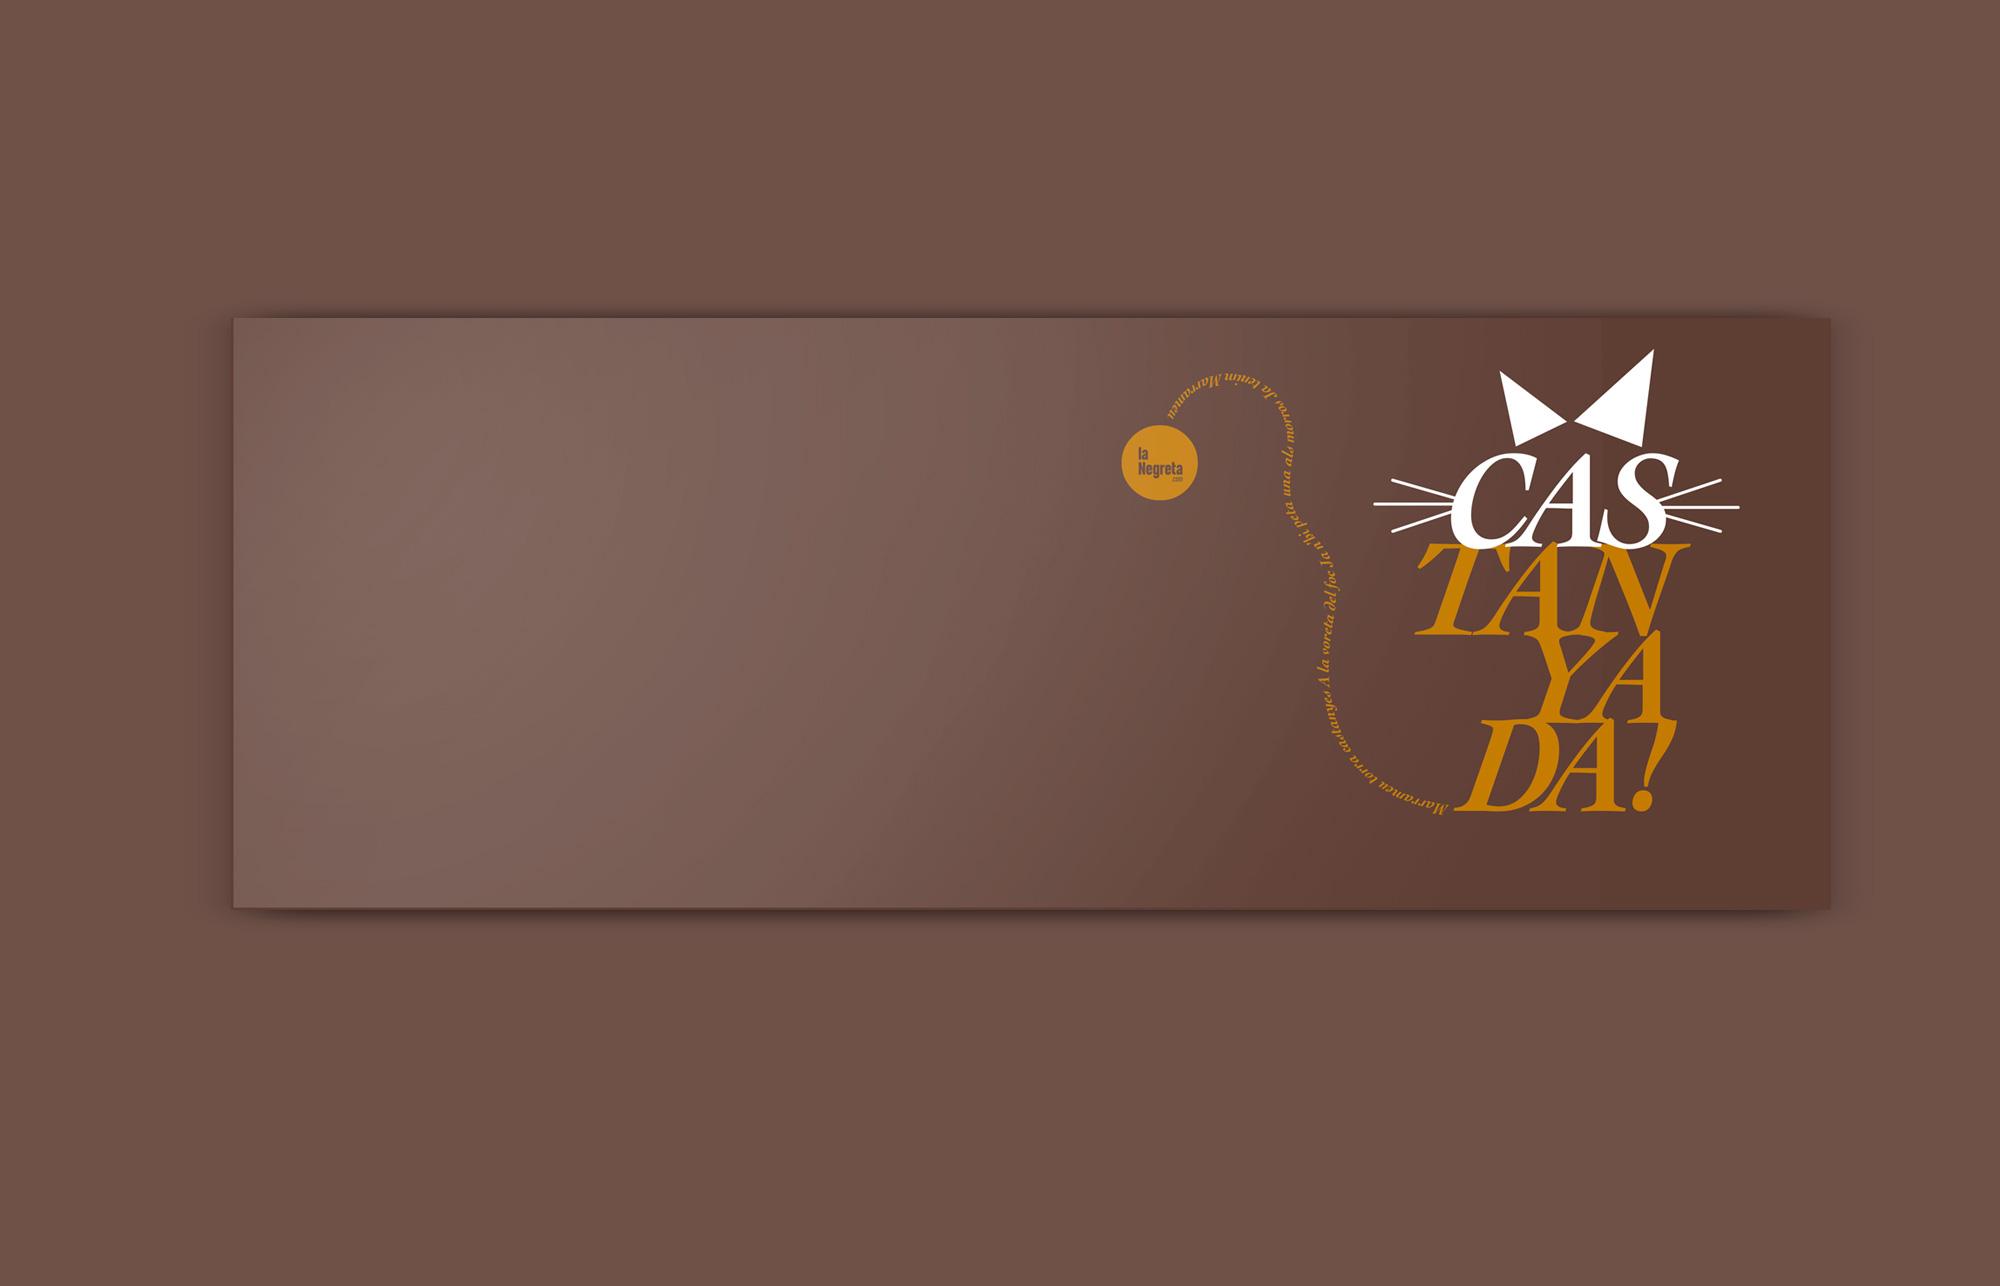 LN-CASTANYADA-2014-3.jpg